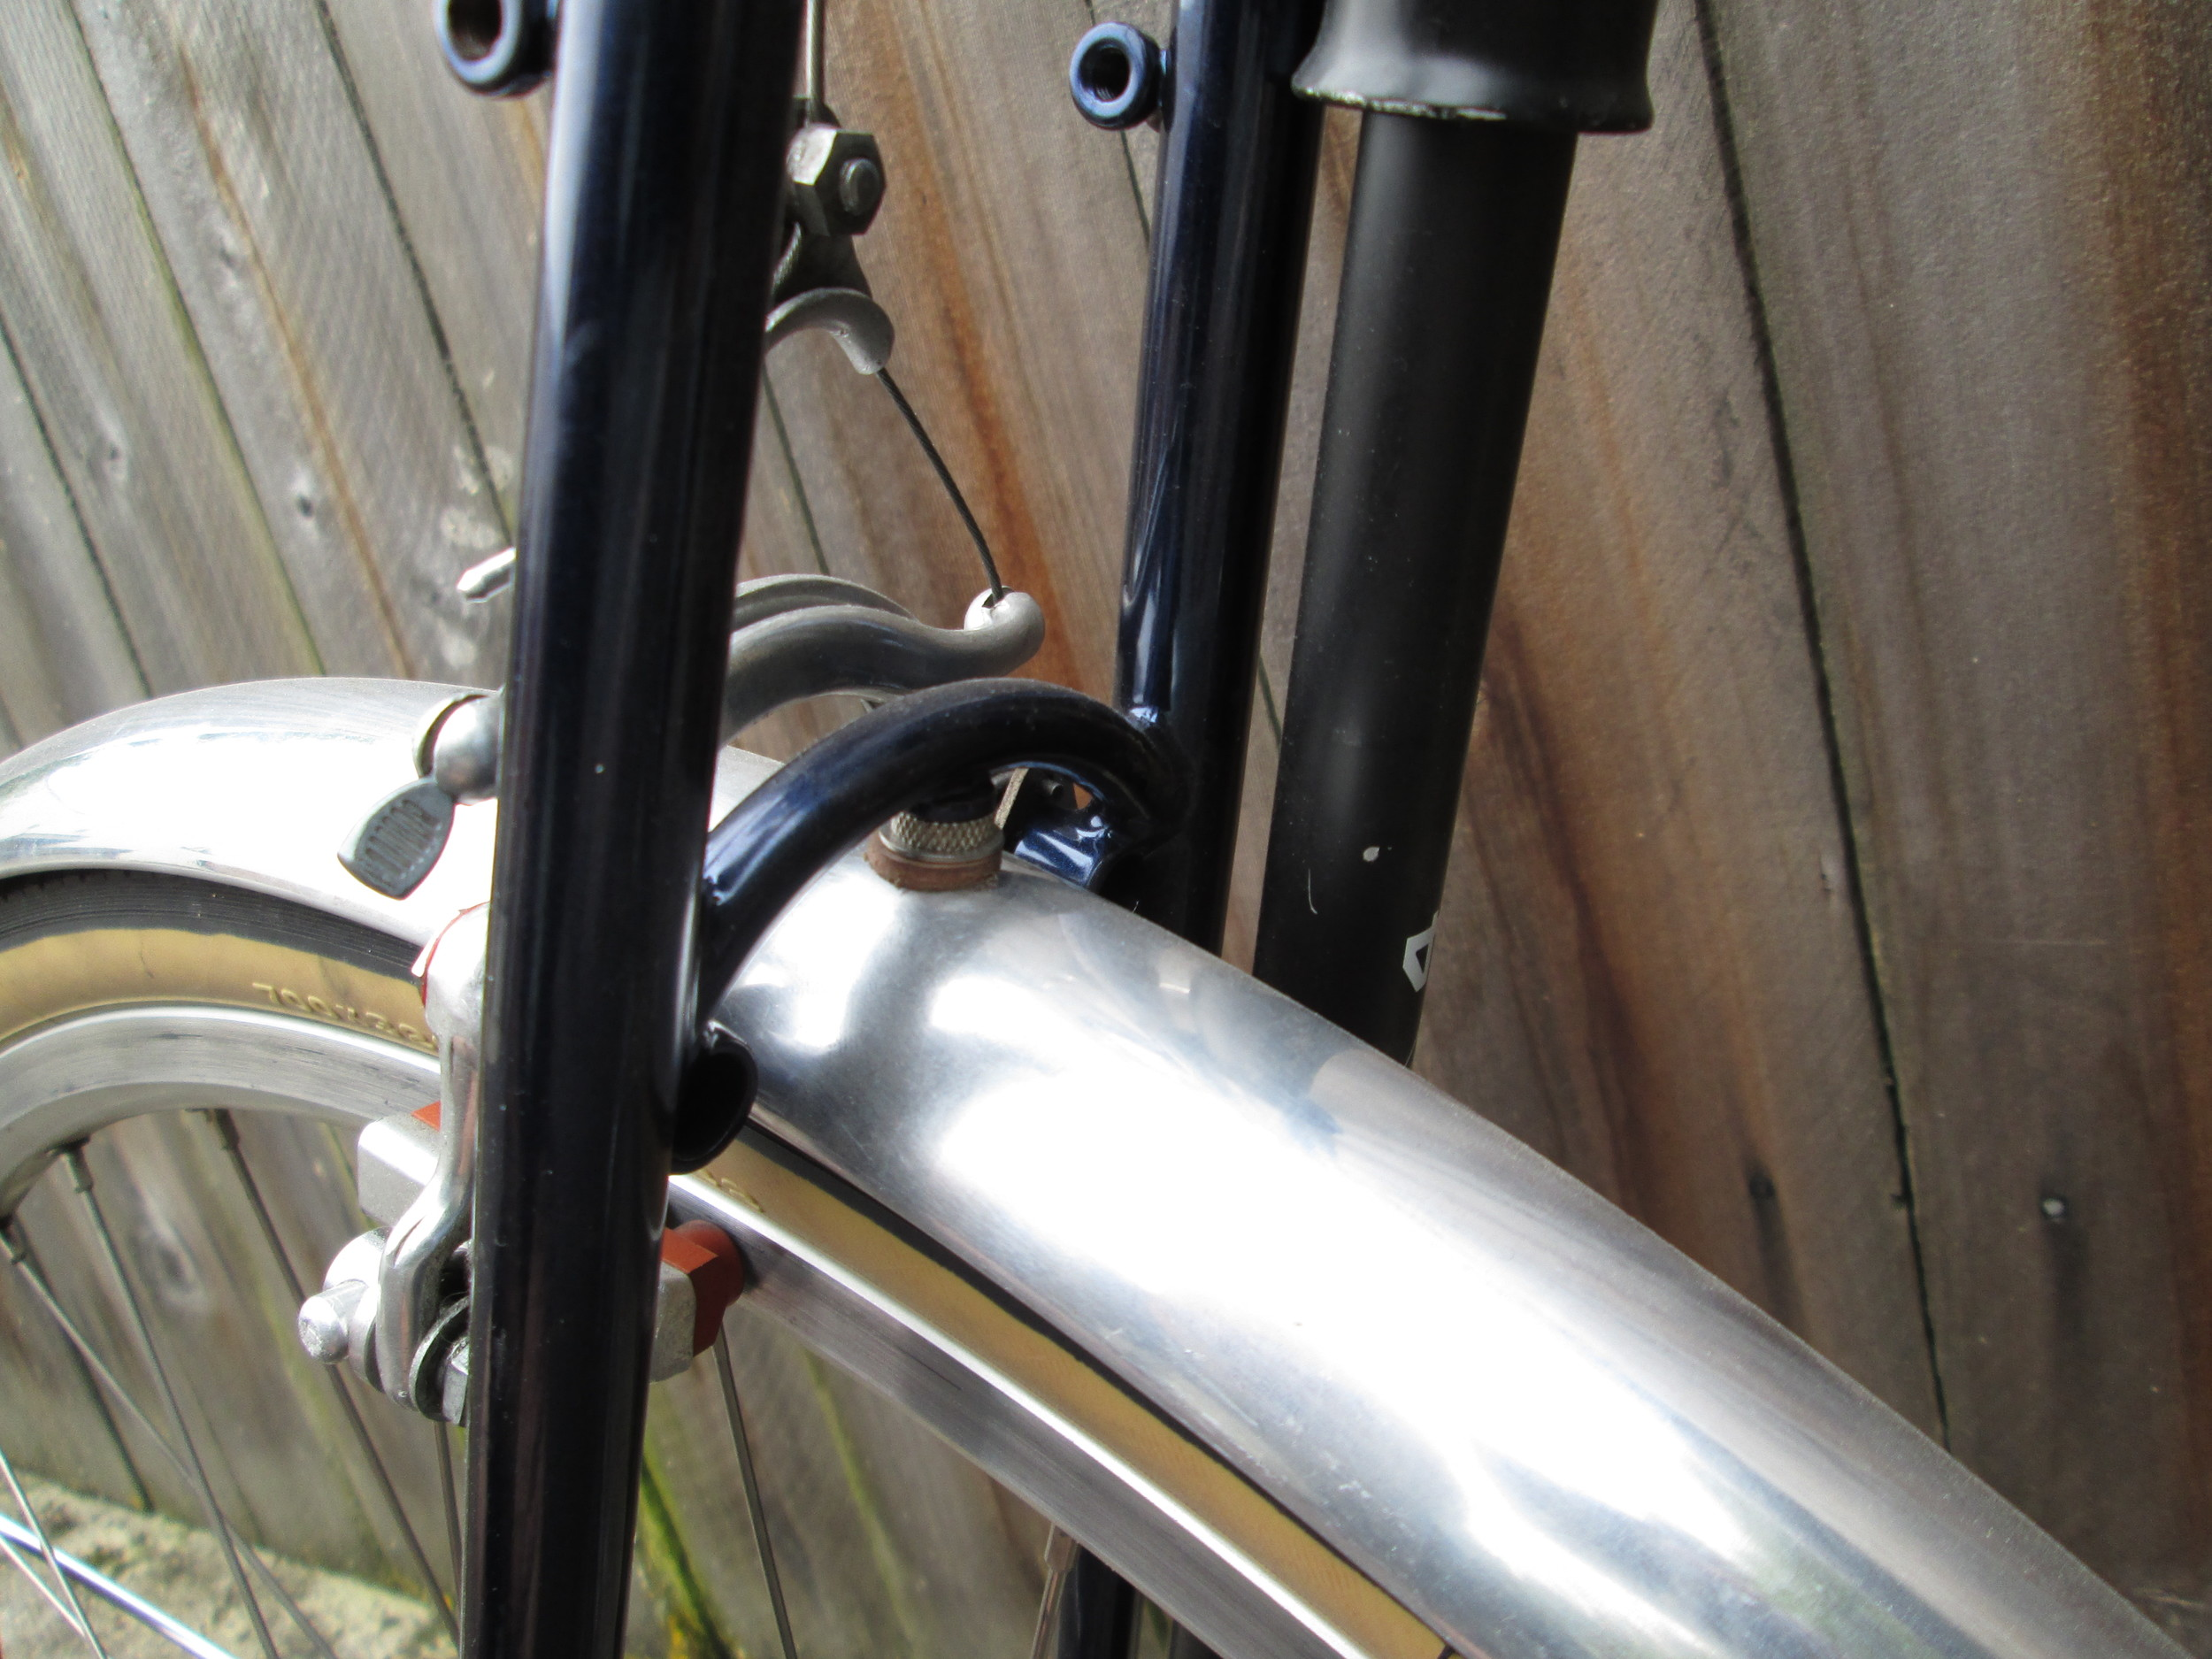 jims bike 013.JPG